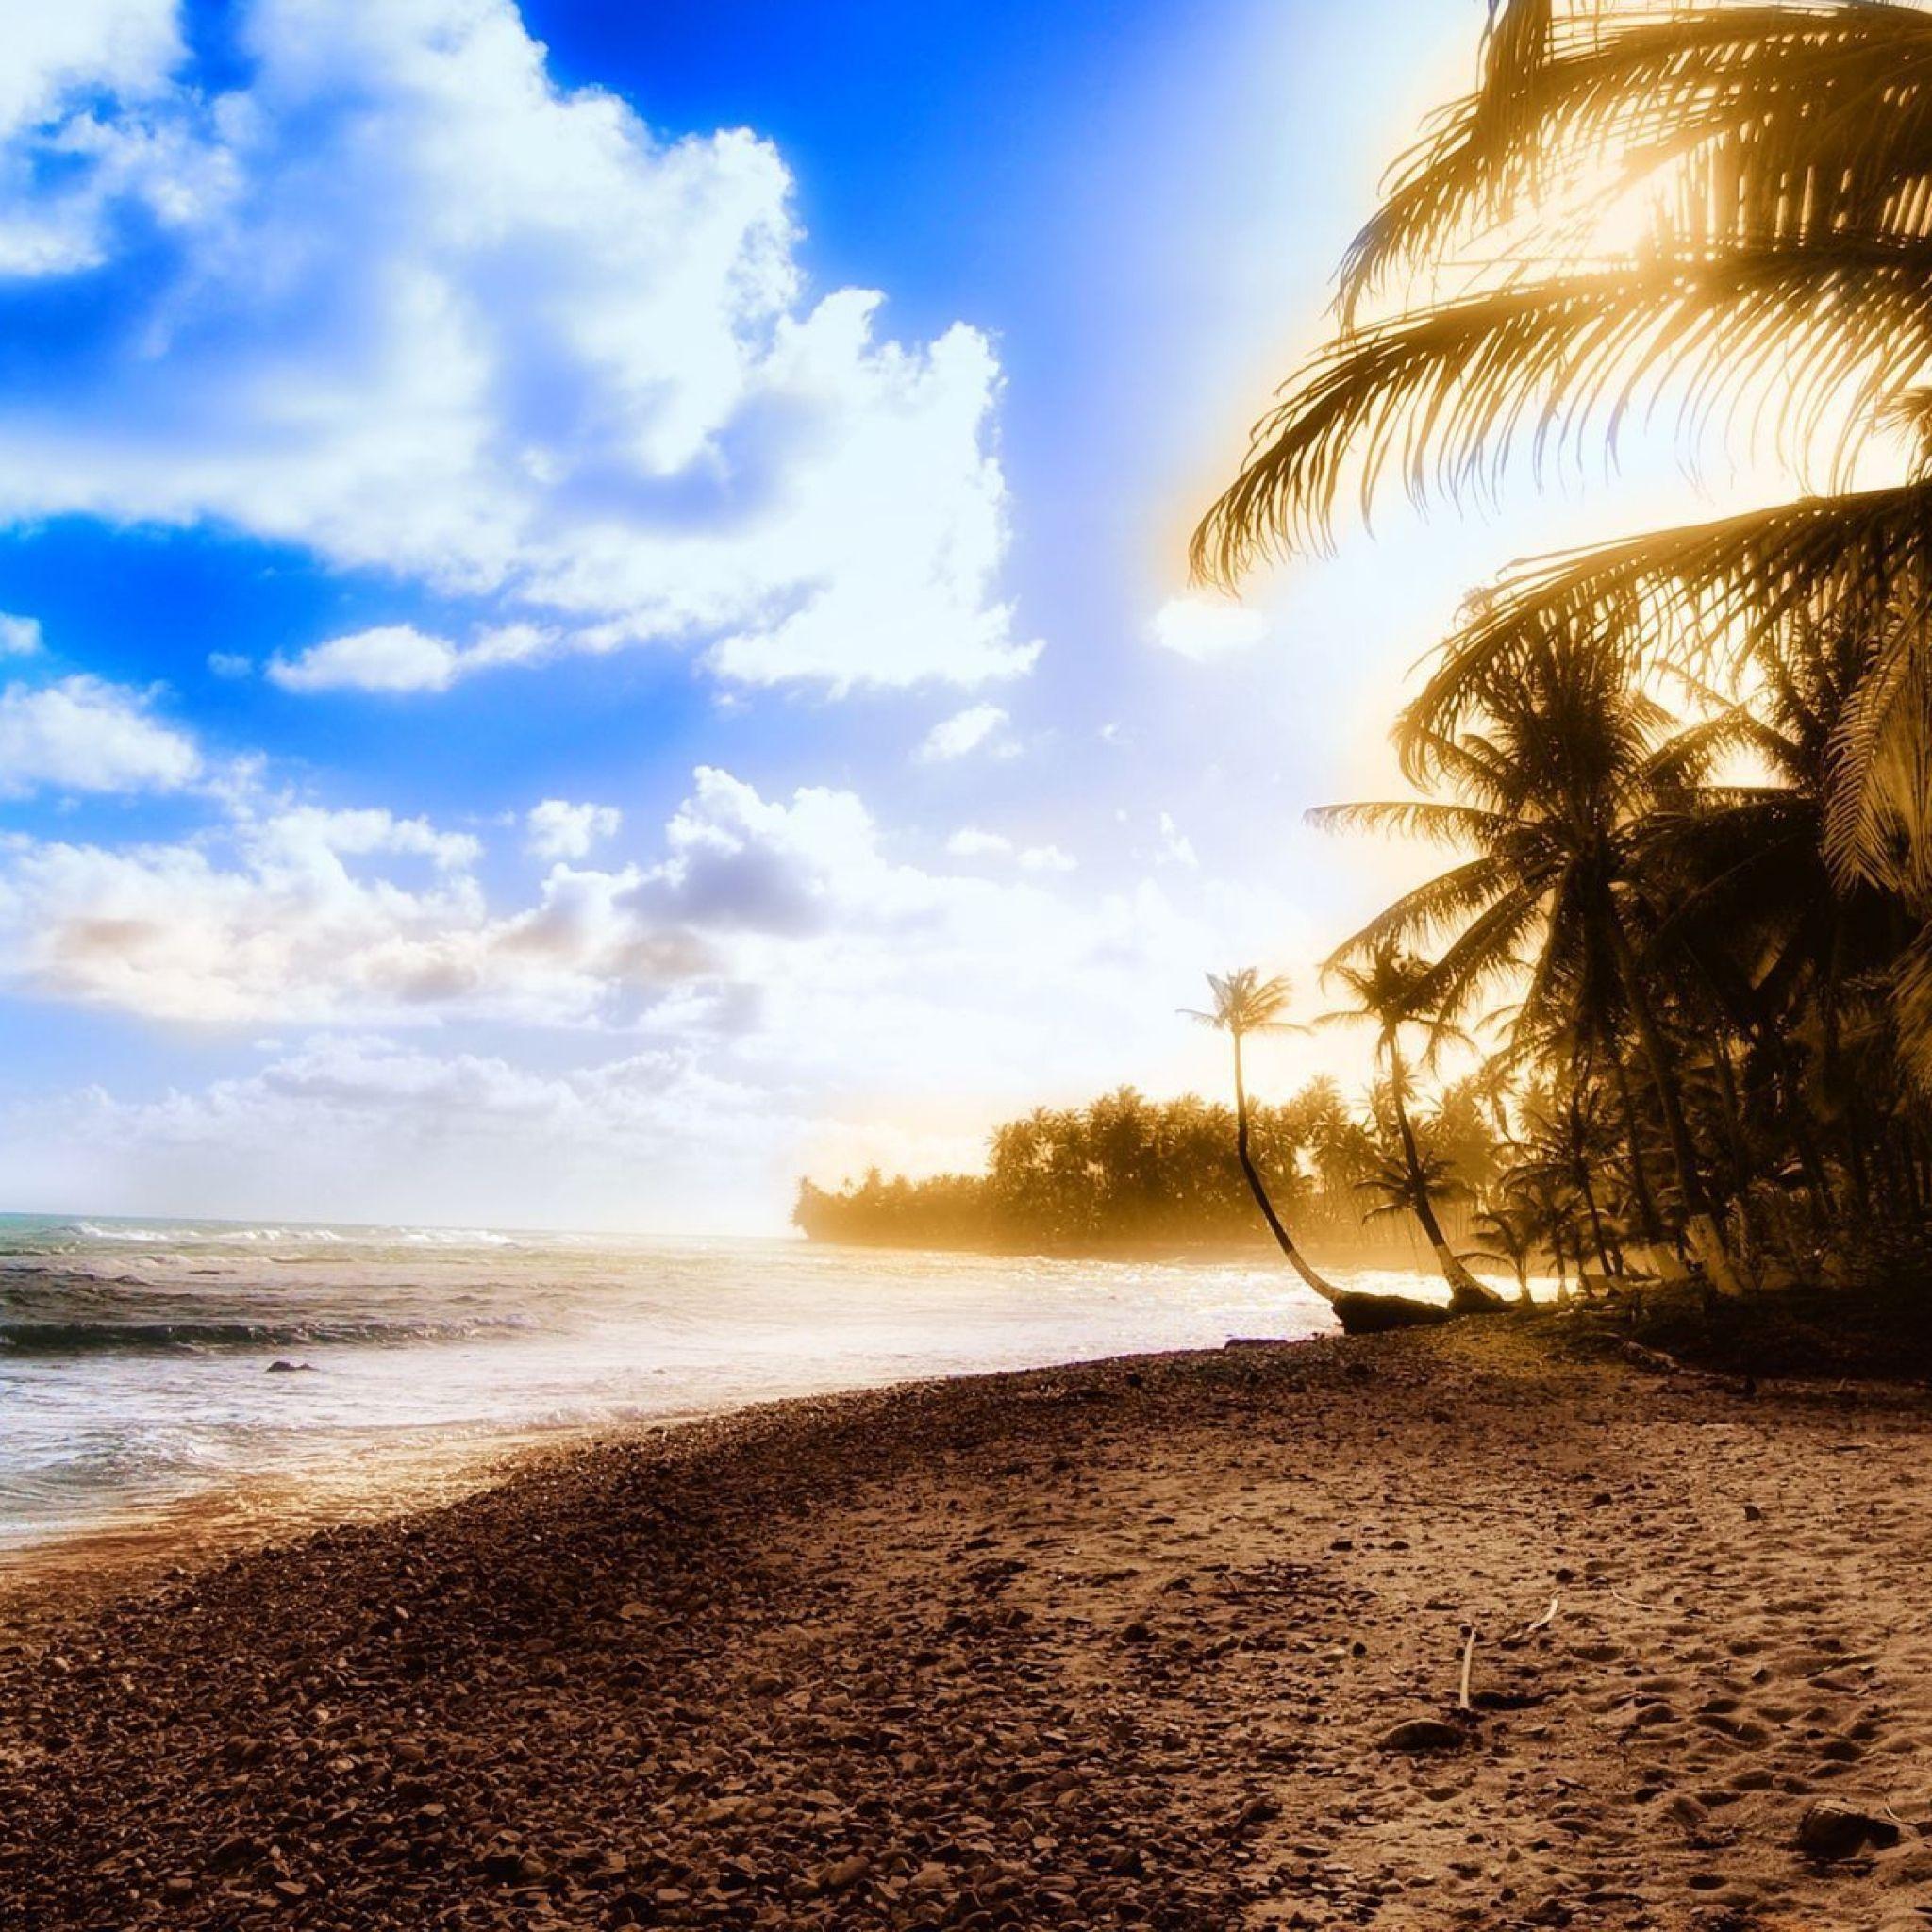 2048x2048 Papel de Parede palmeiras, costa, praia, sol, luz, céu, nuvens, calor